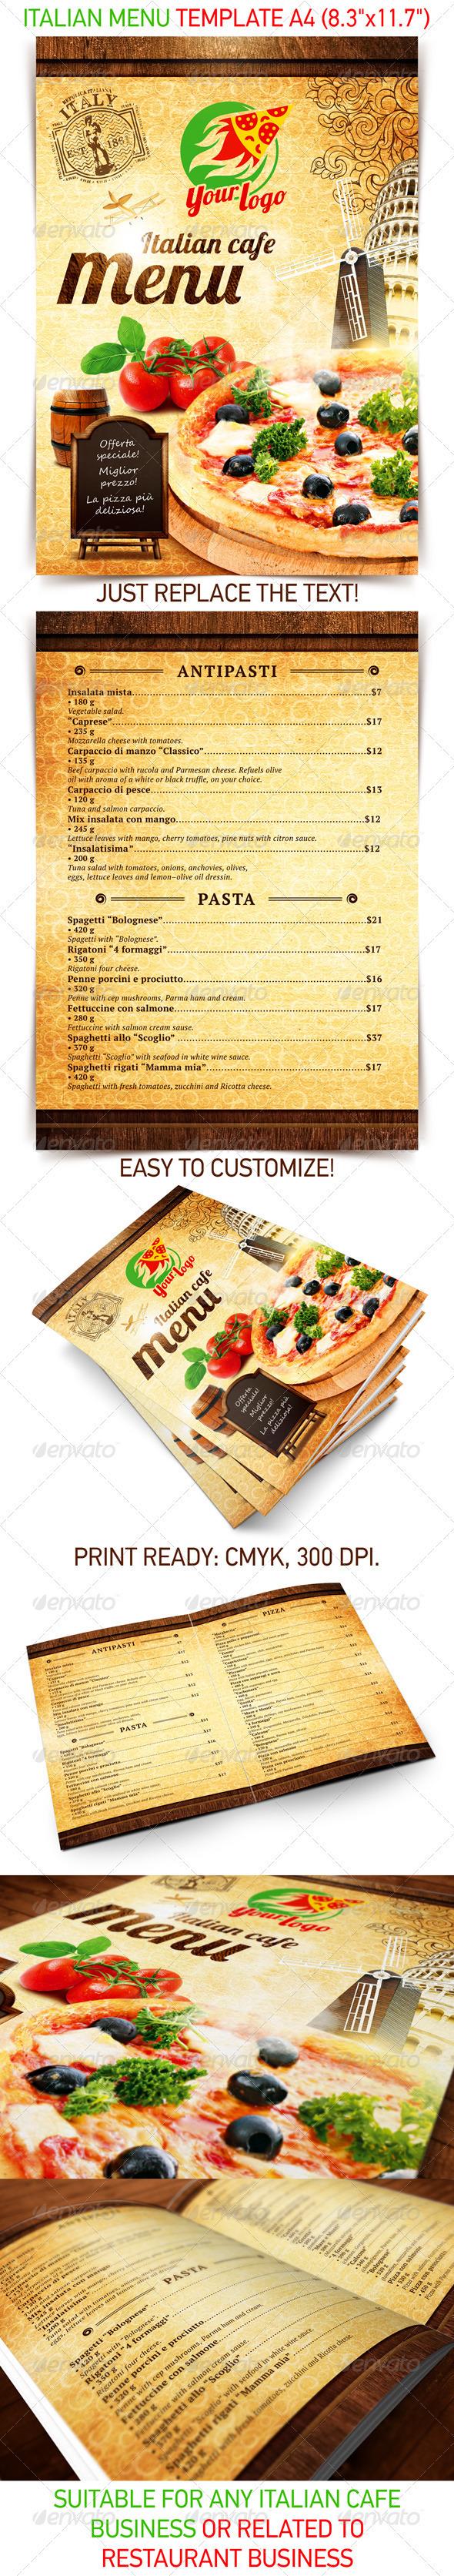 Italian menu template PSD Template on Behance – Italian Menu